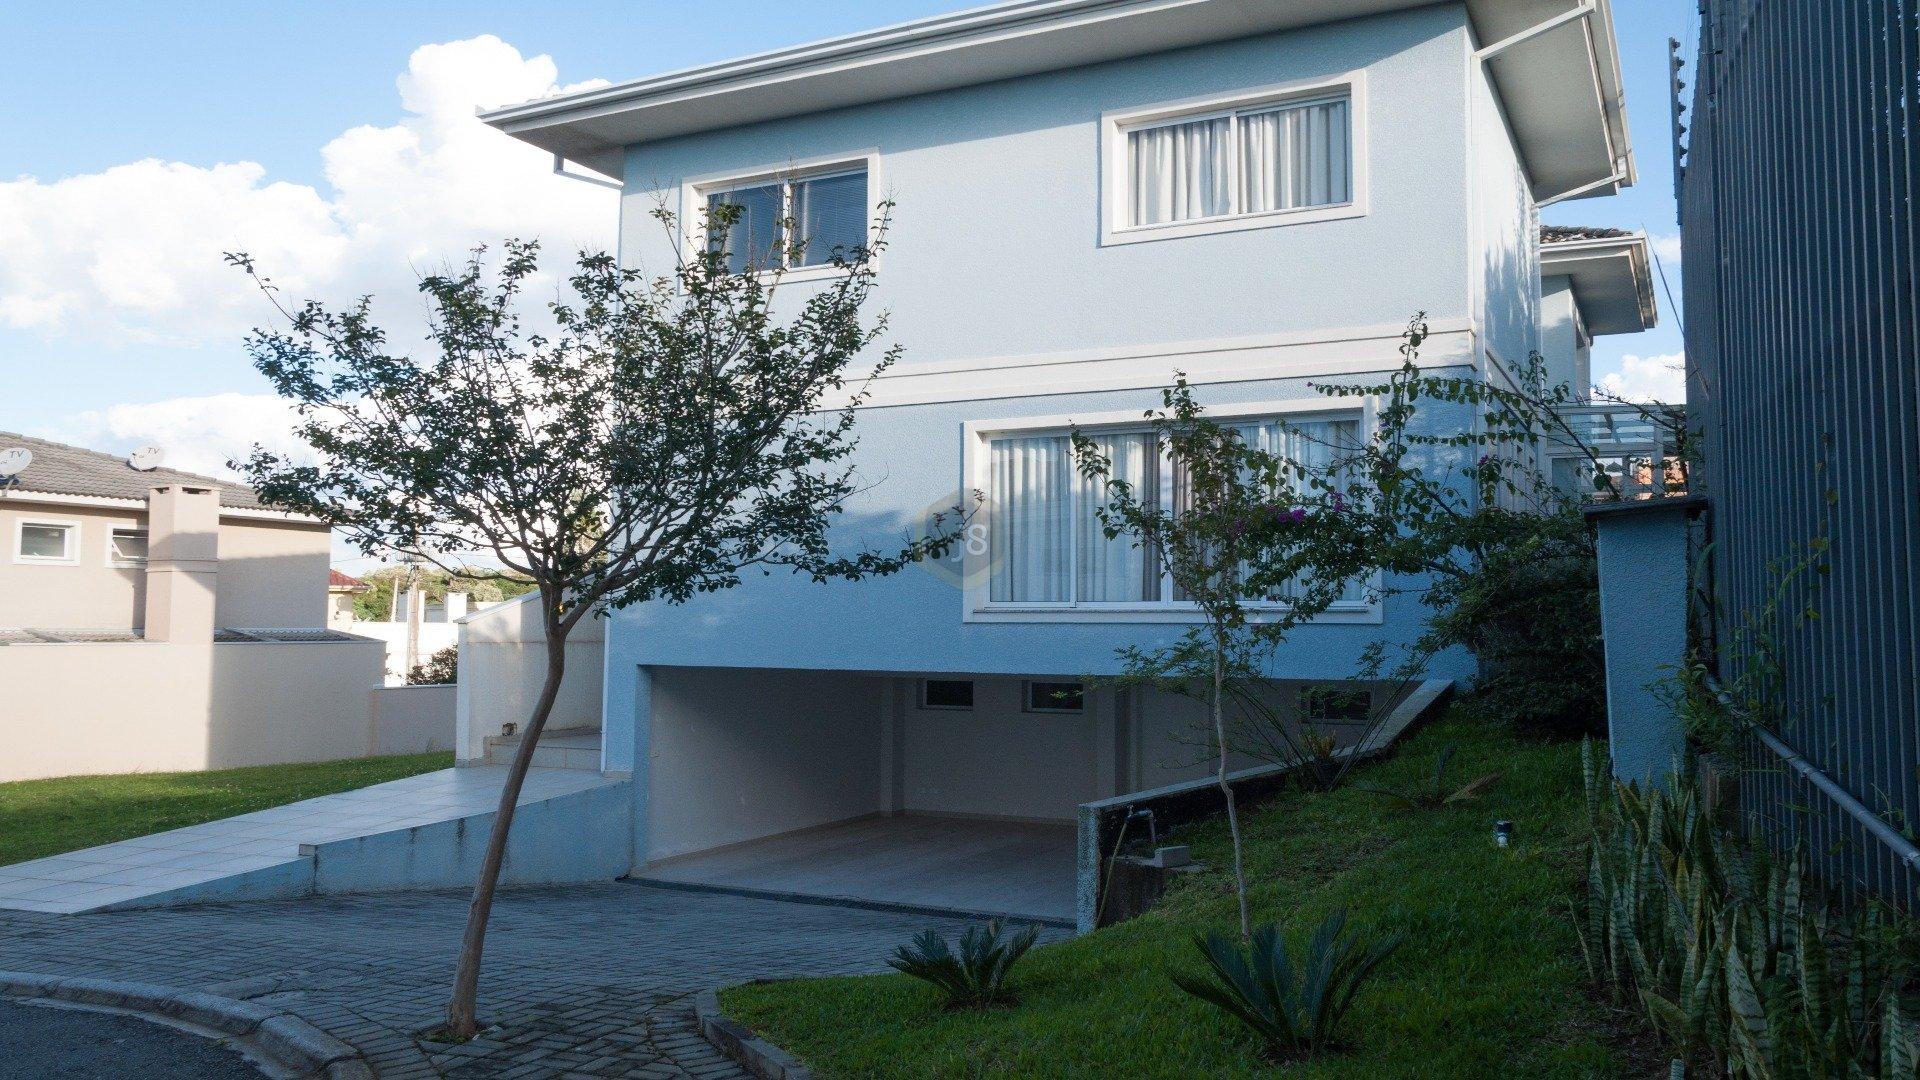 Foto de destaque Casa em condomínio - estuda apto de menor valor na negociação!